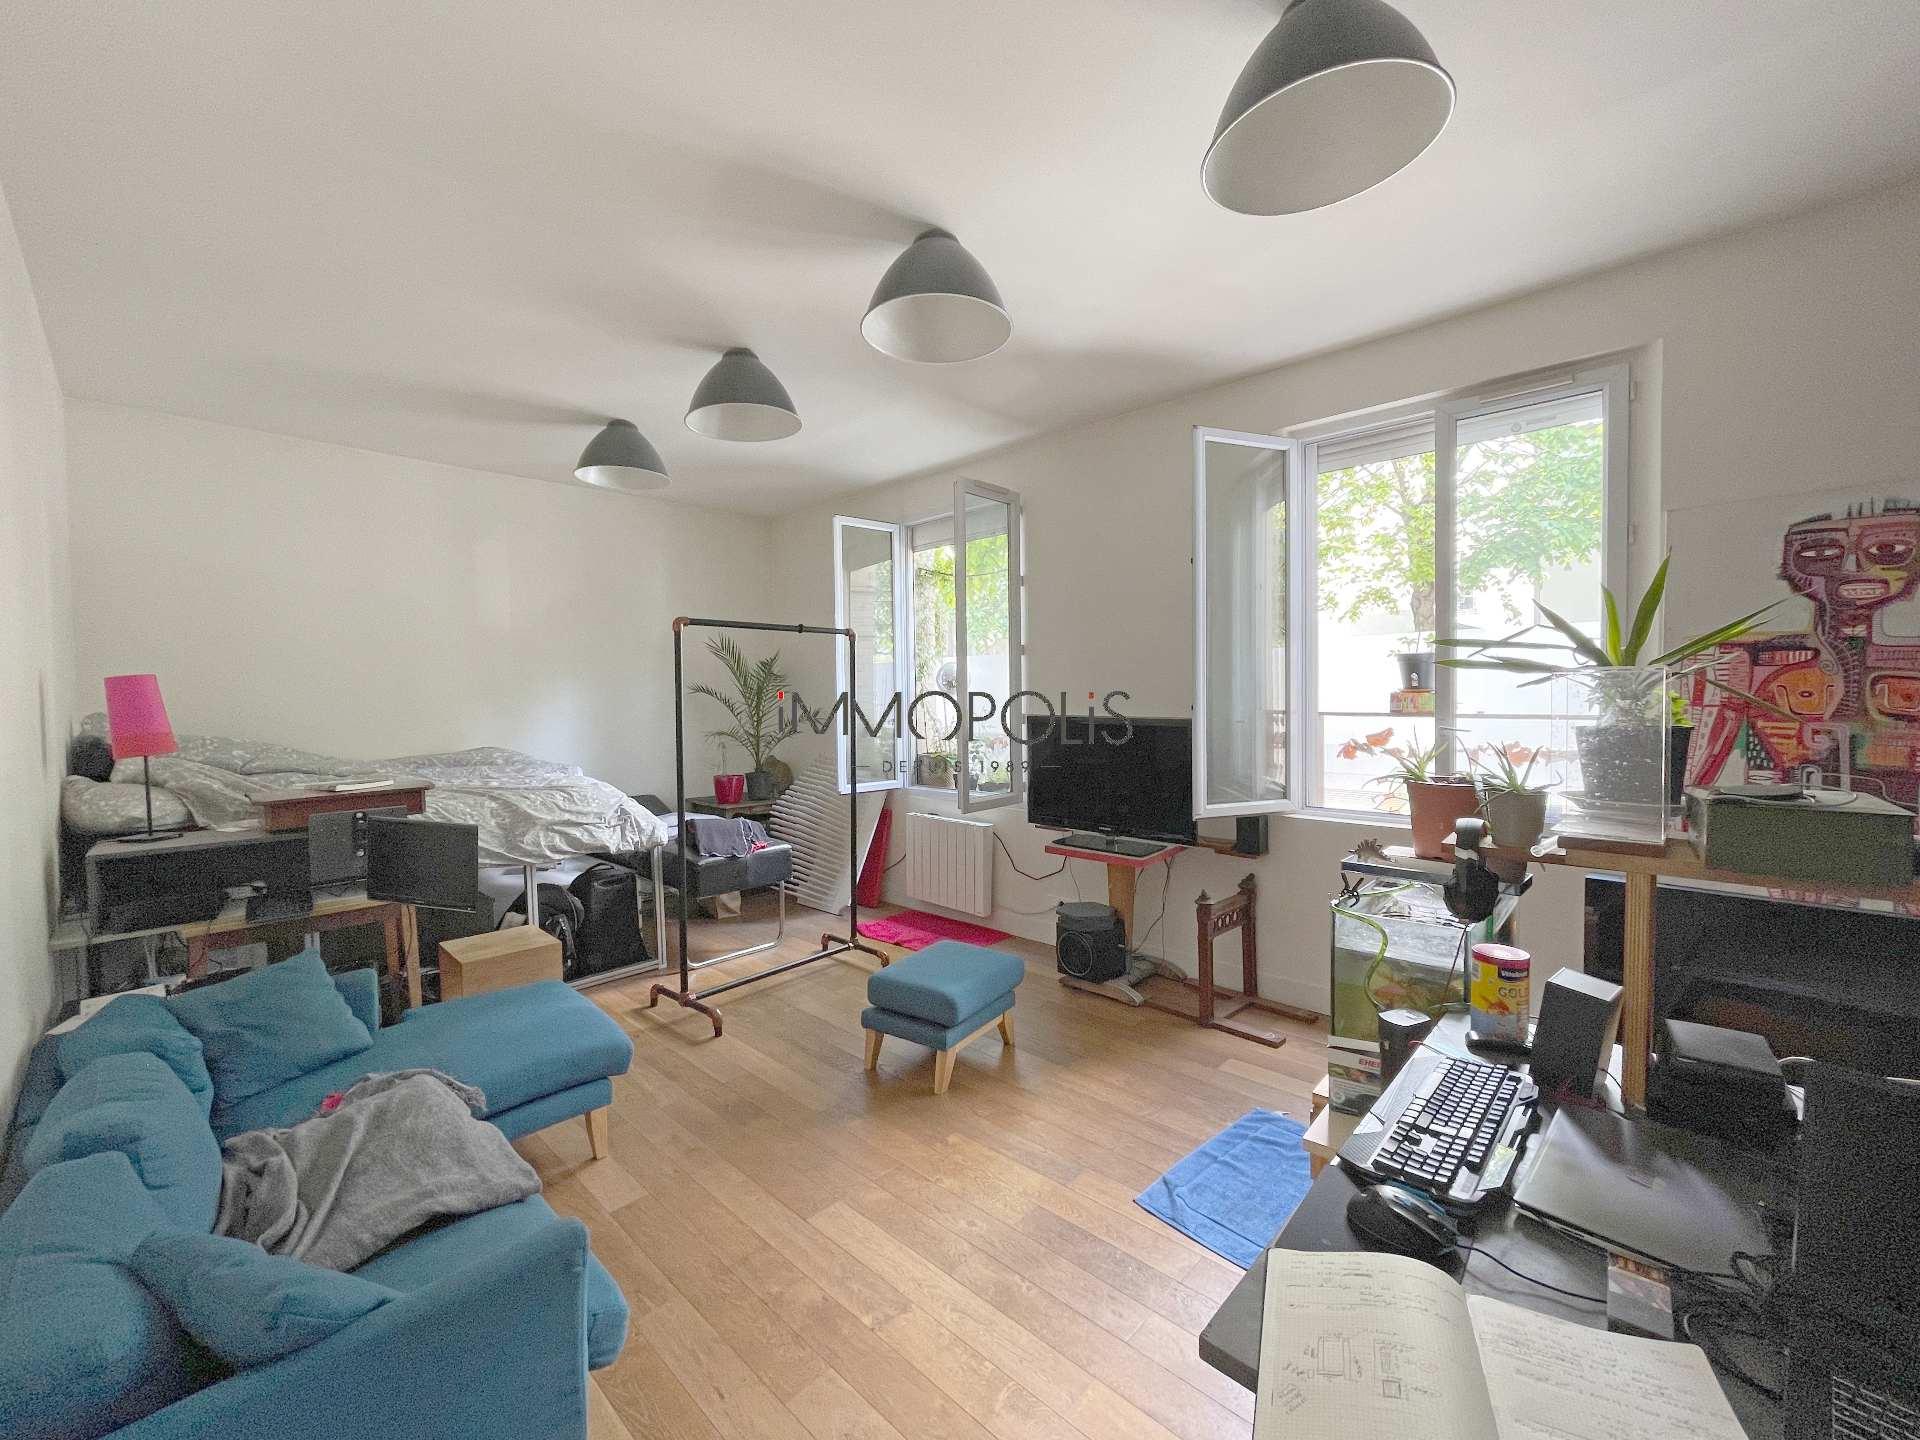 Saint Ouen, quartier Michelet / Dr Bauer, dans rue arborée calme, magnifique souplex «comme une maison» 2